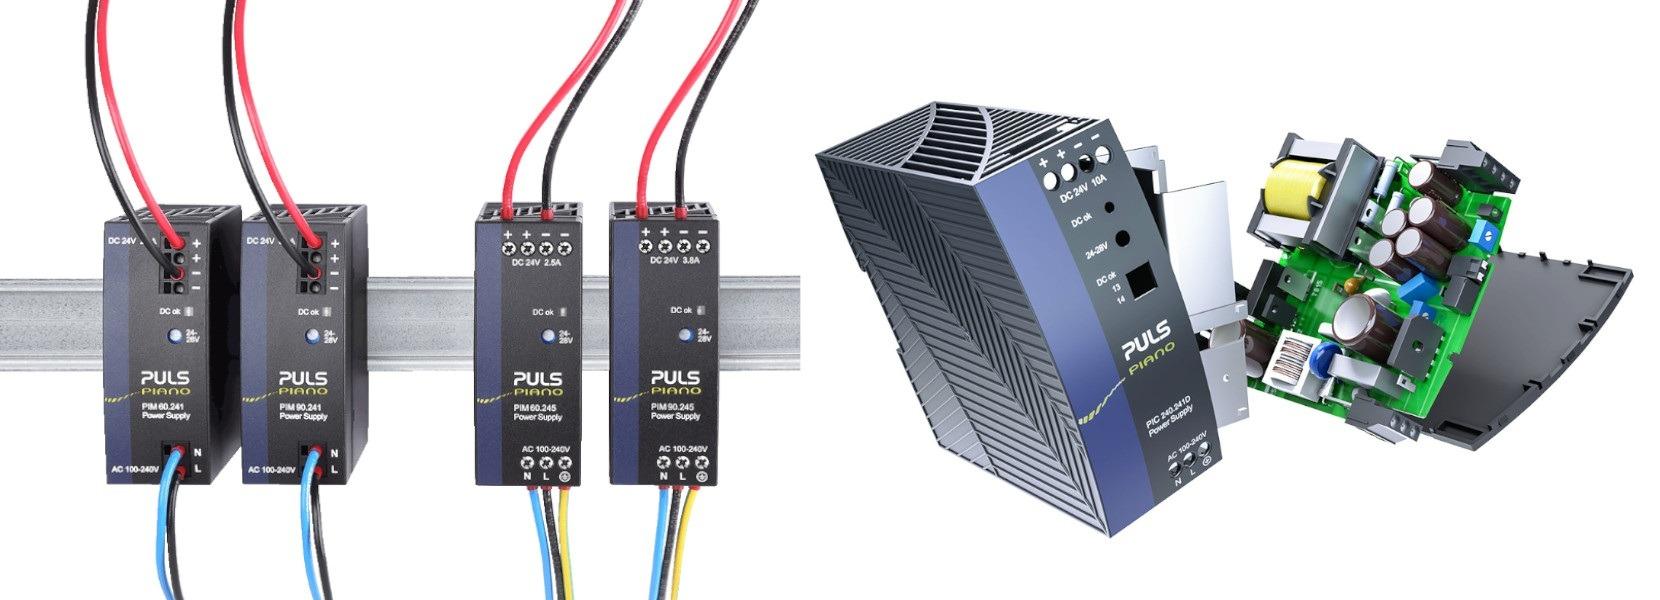 Kompakte 36W, 60W und 90W Hutschienen-Netzteile mit Basisfunktionalität